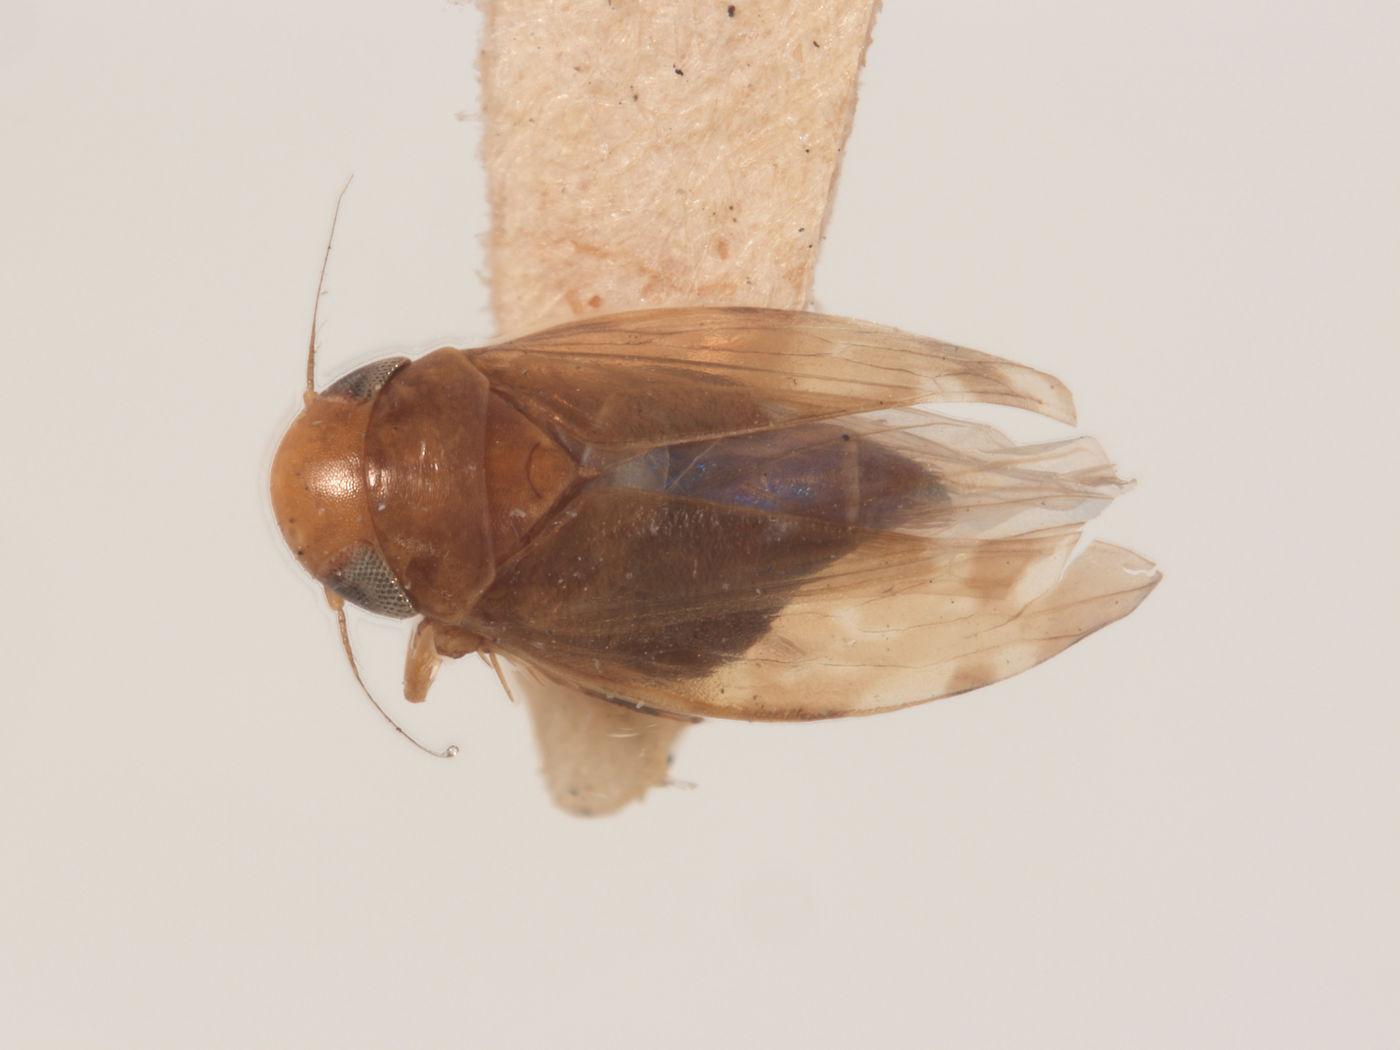 Xestocephalus brunneus image